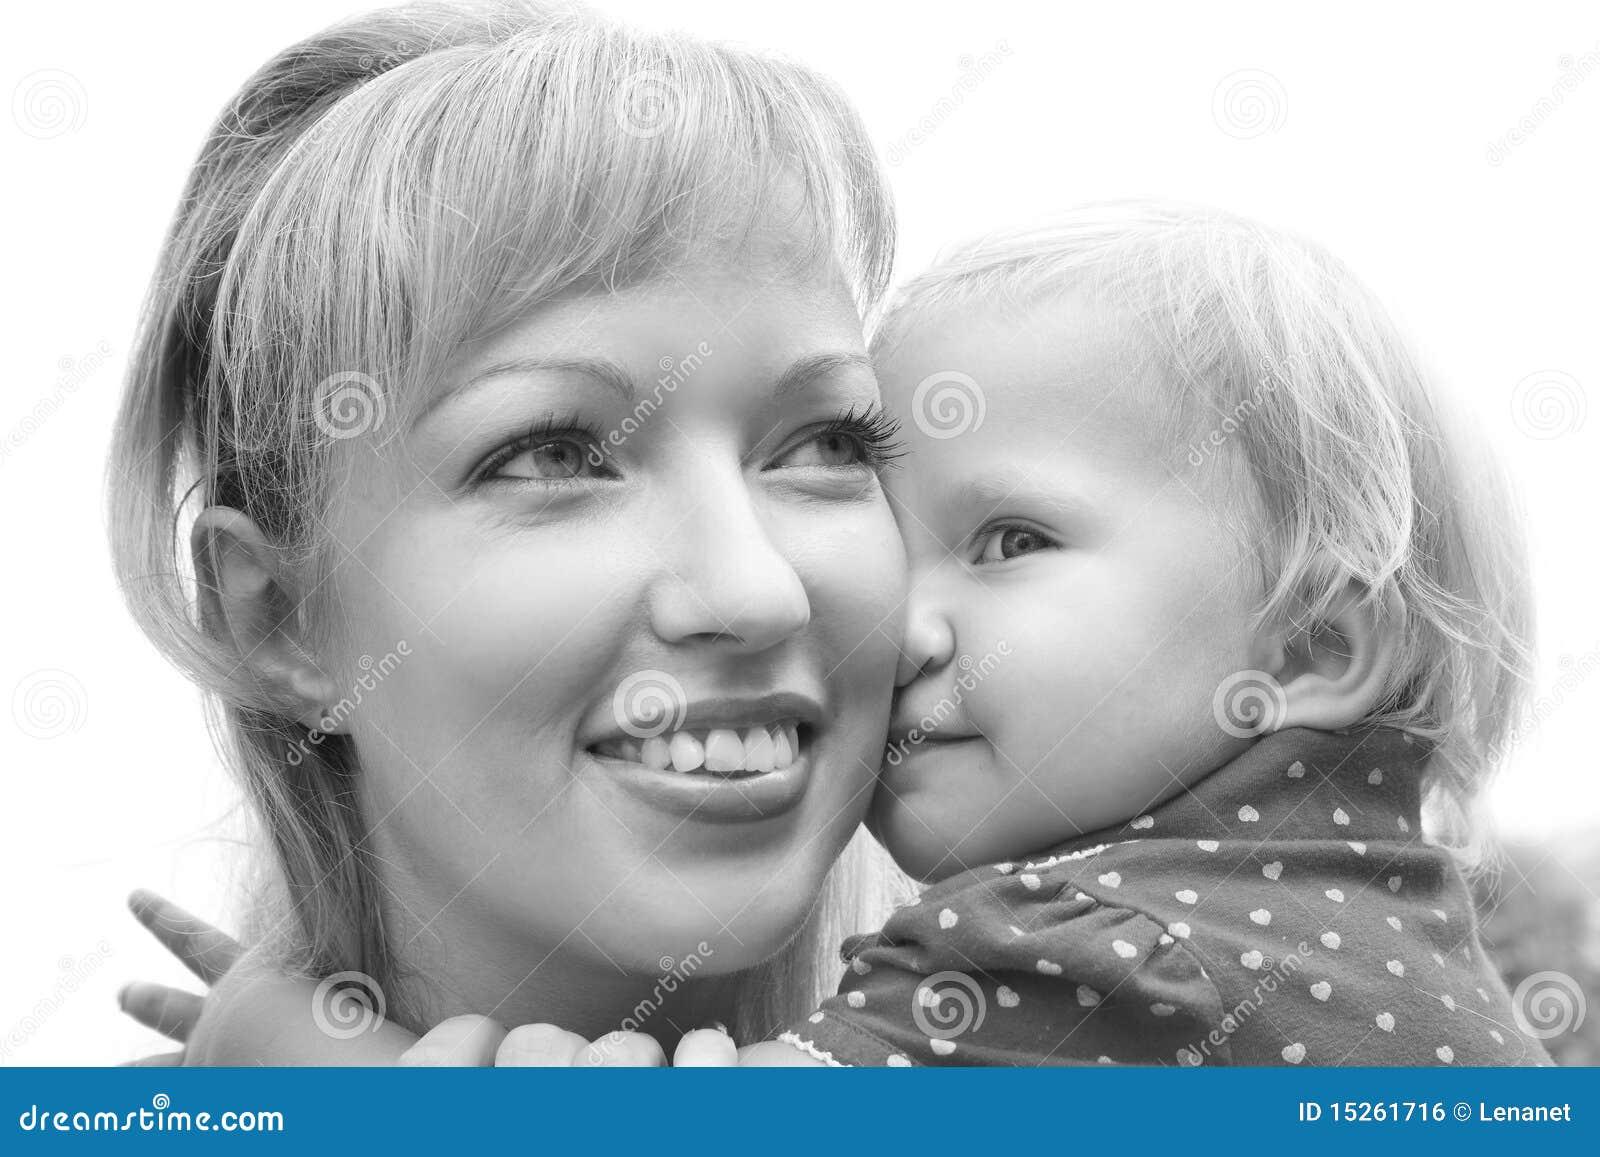 Doughter ее мать удерживания